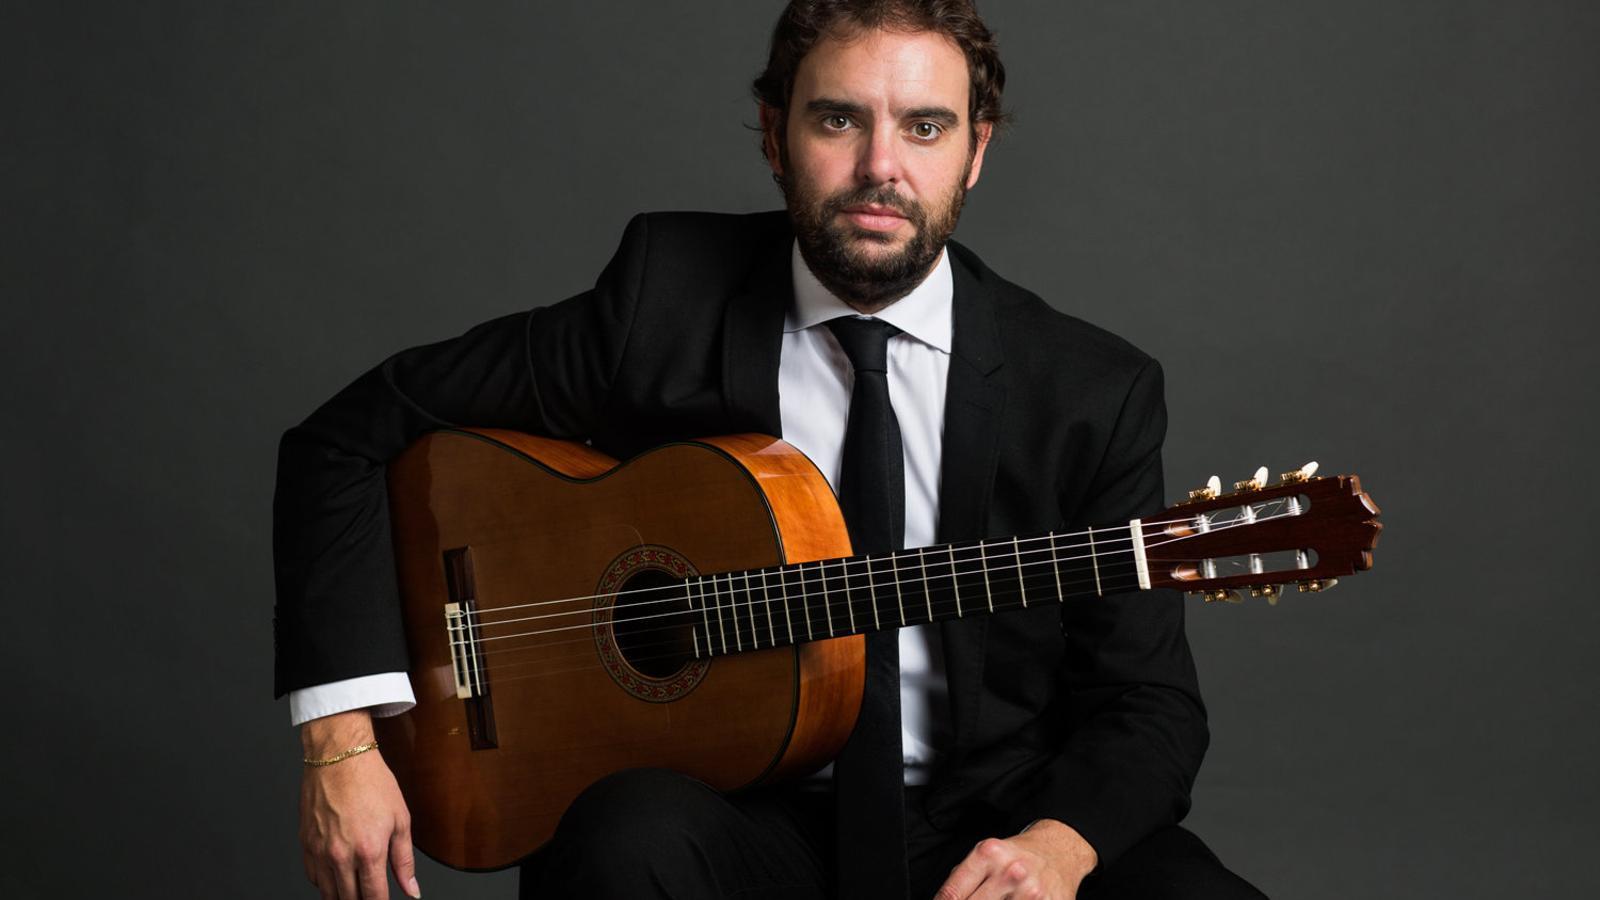 El guitarrista Dani de Morón en una imatge promocional.